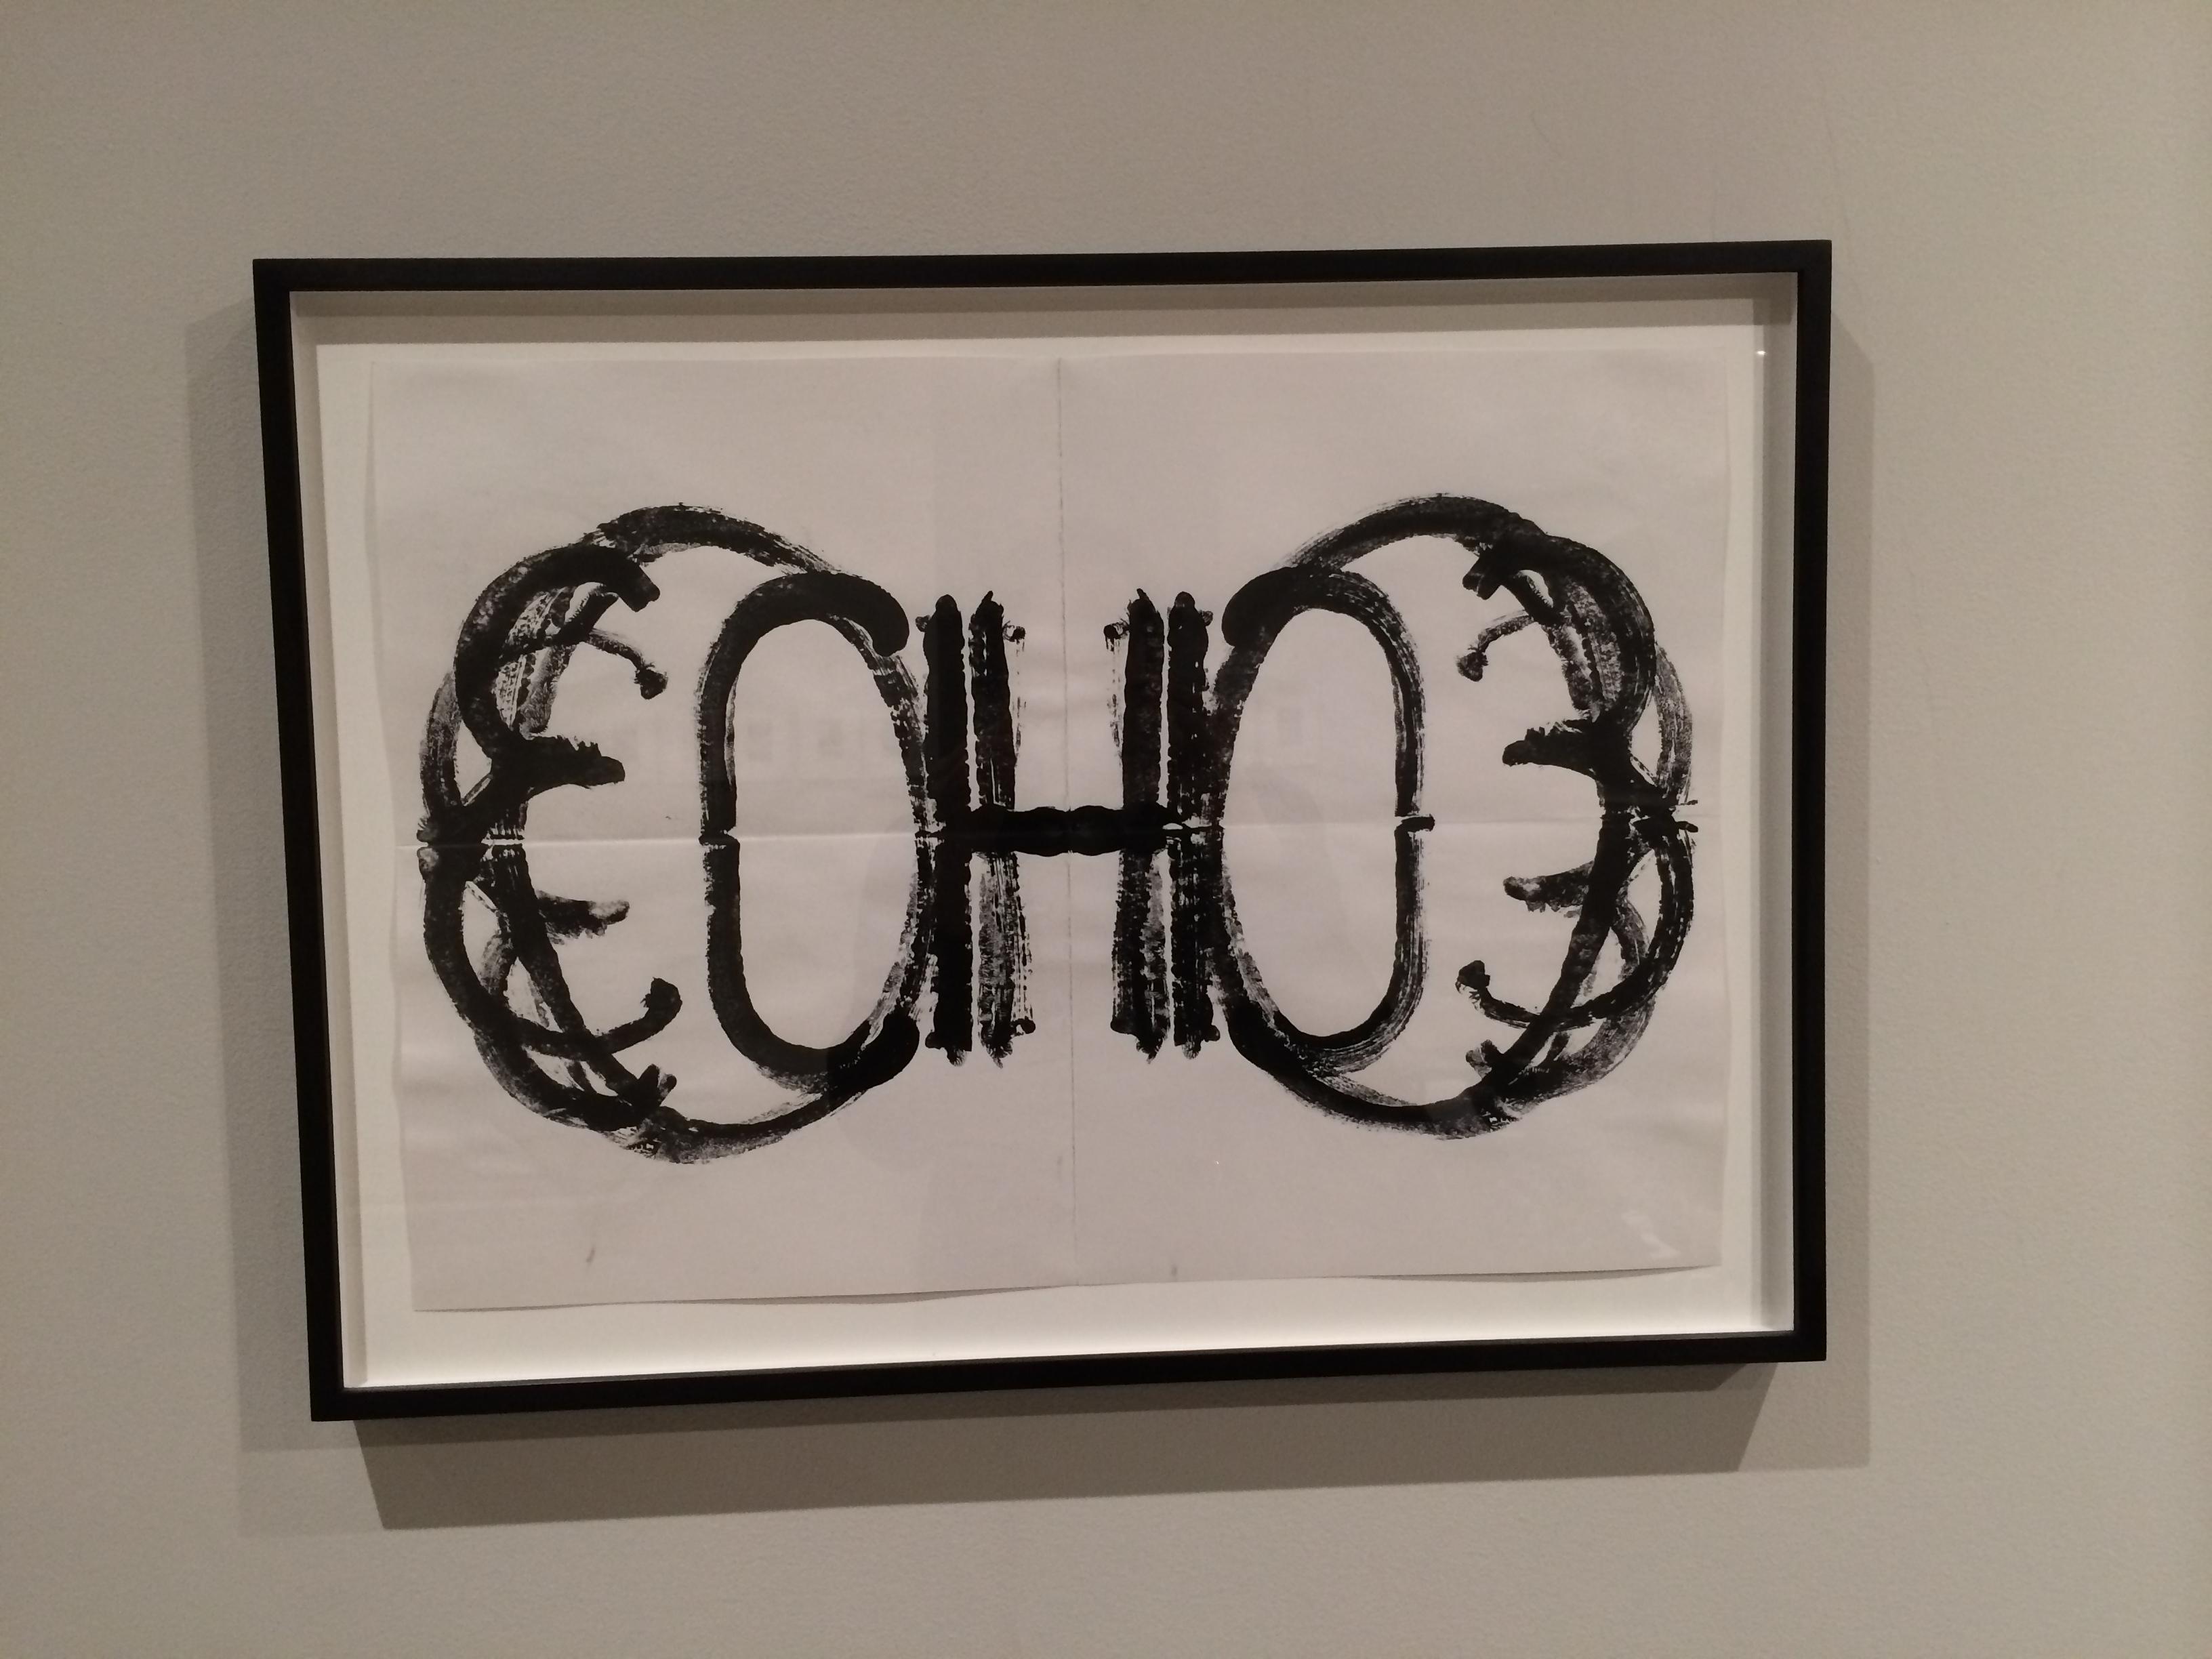 Christian Marclay, Echo, 1993